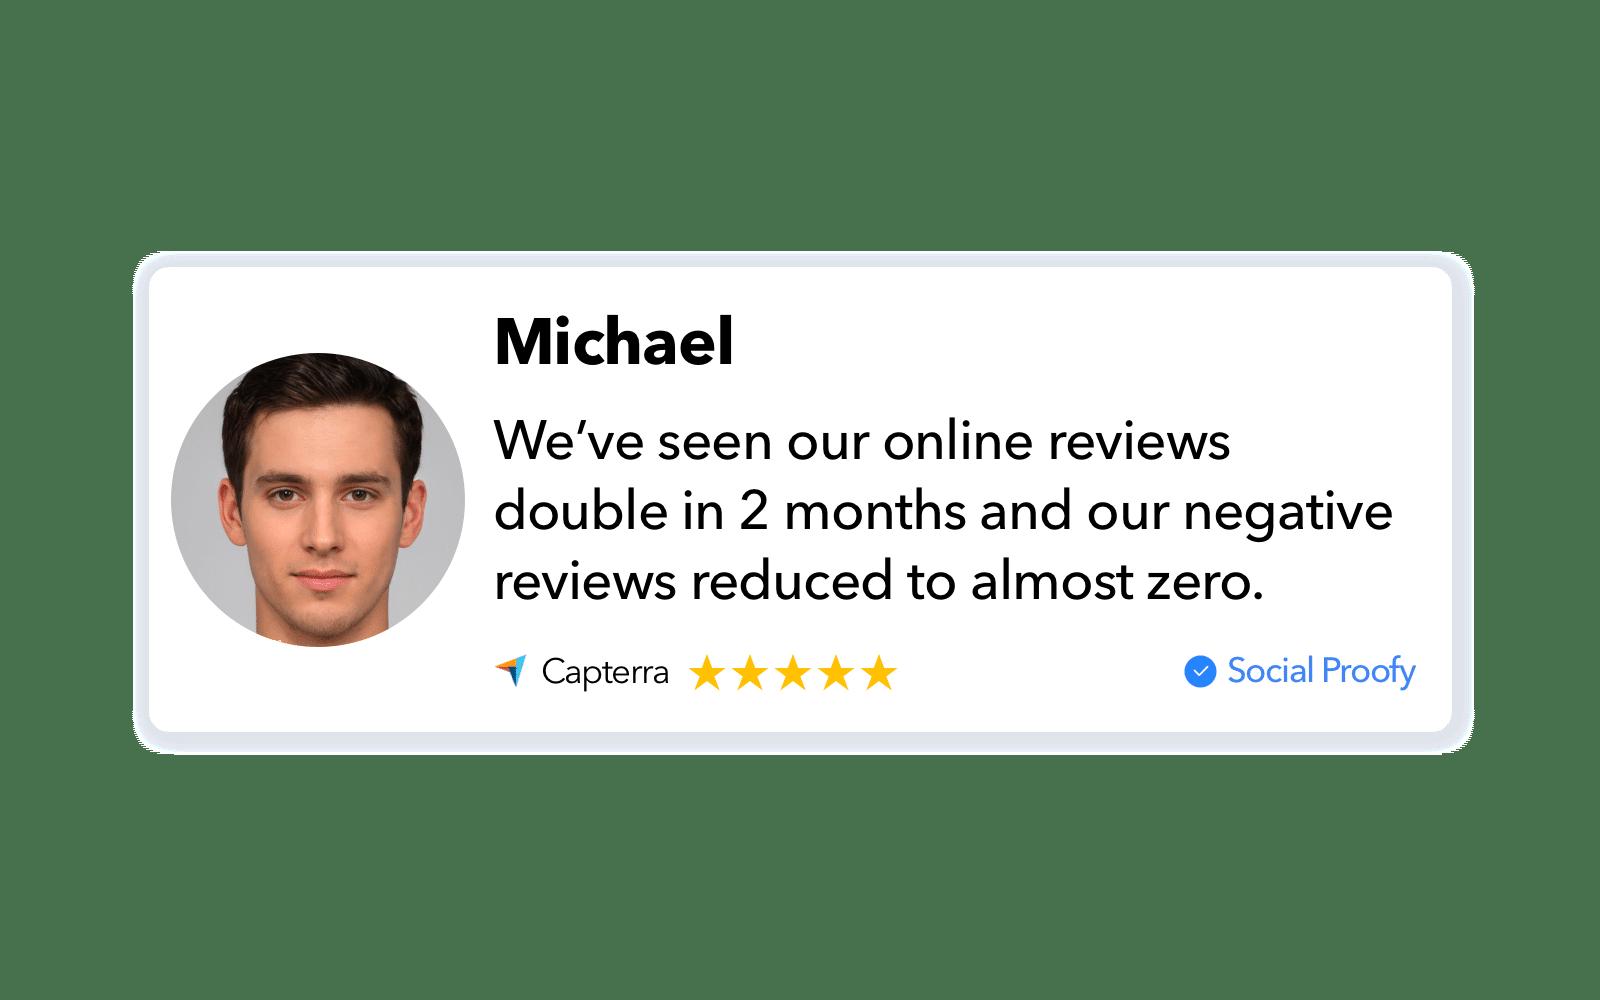 Capterra Review Widget